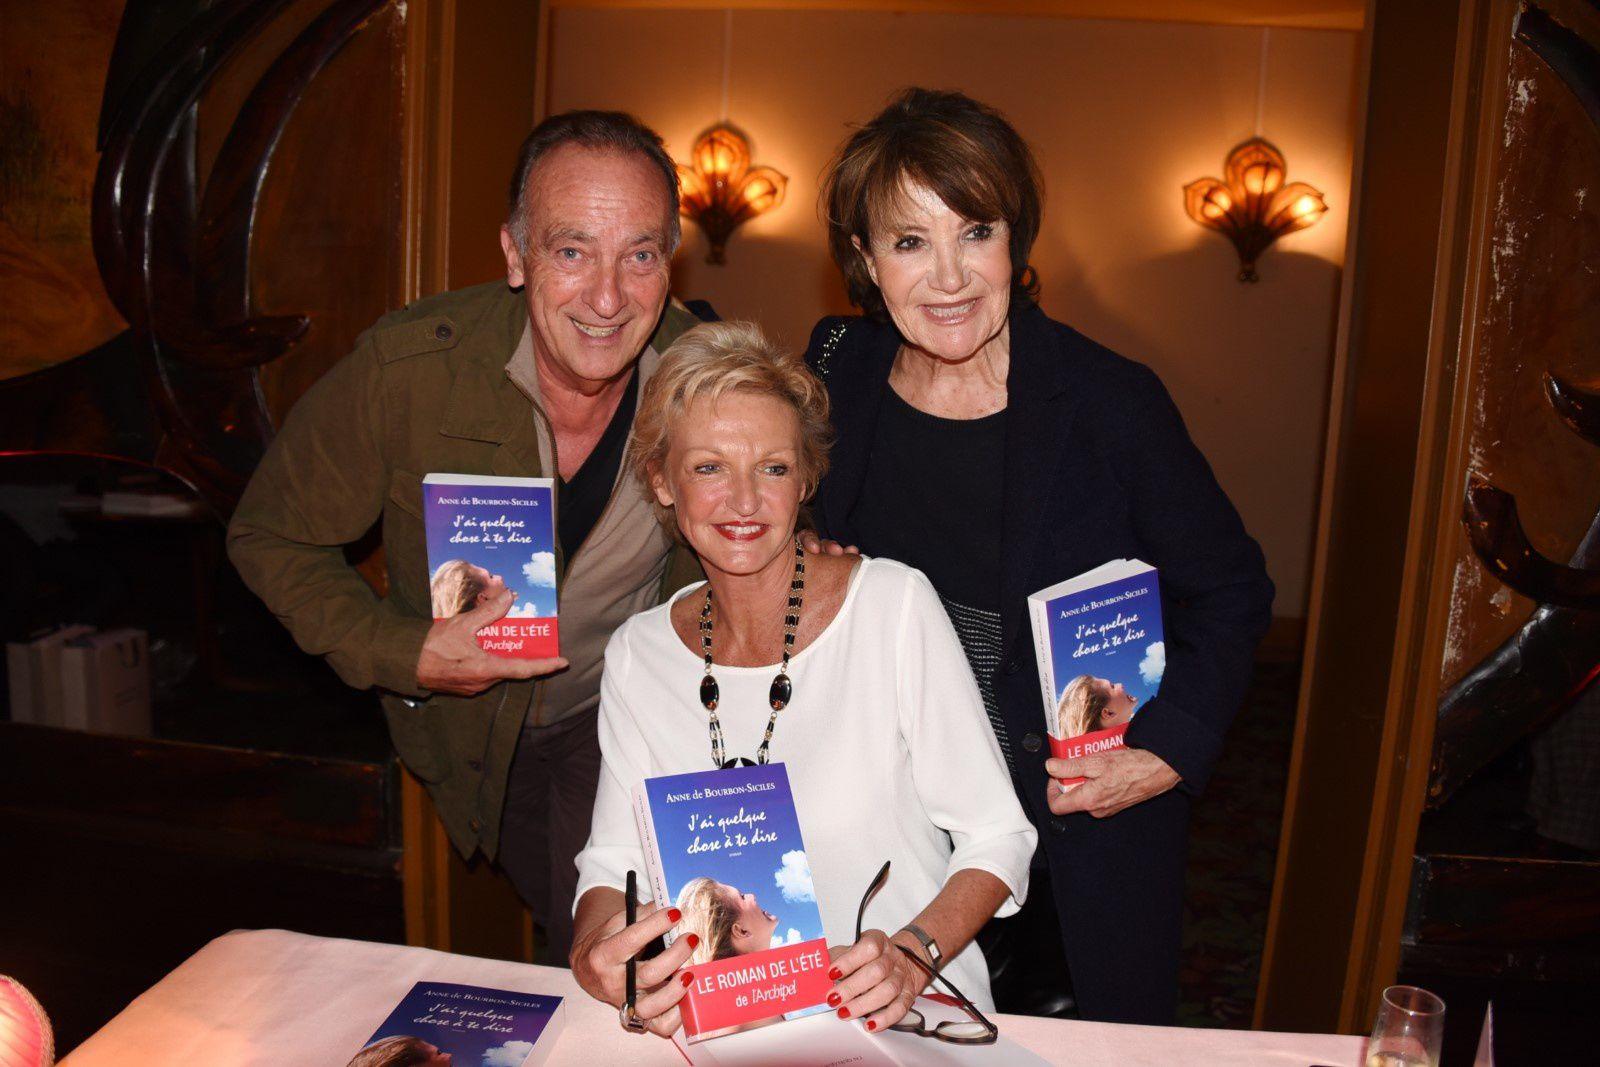 La Princesse avec Yves LECOQ et Yaguel DIDIER (voyante) - (c) Jean-Luce Huré